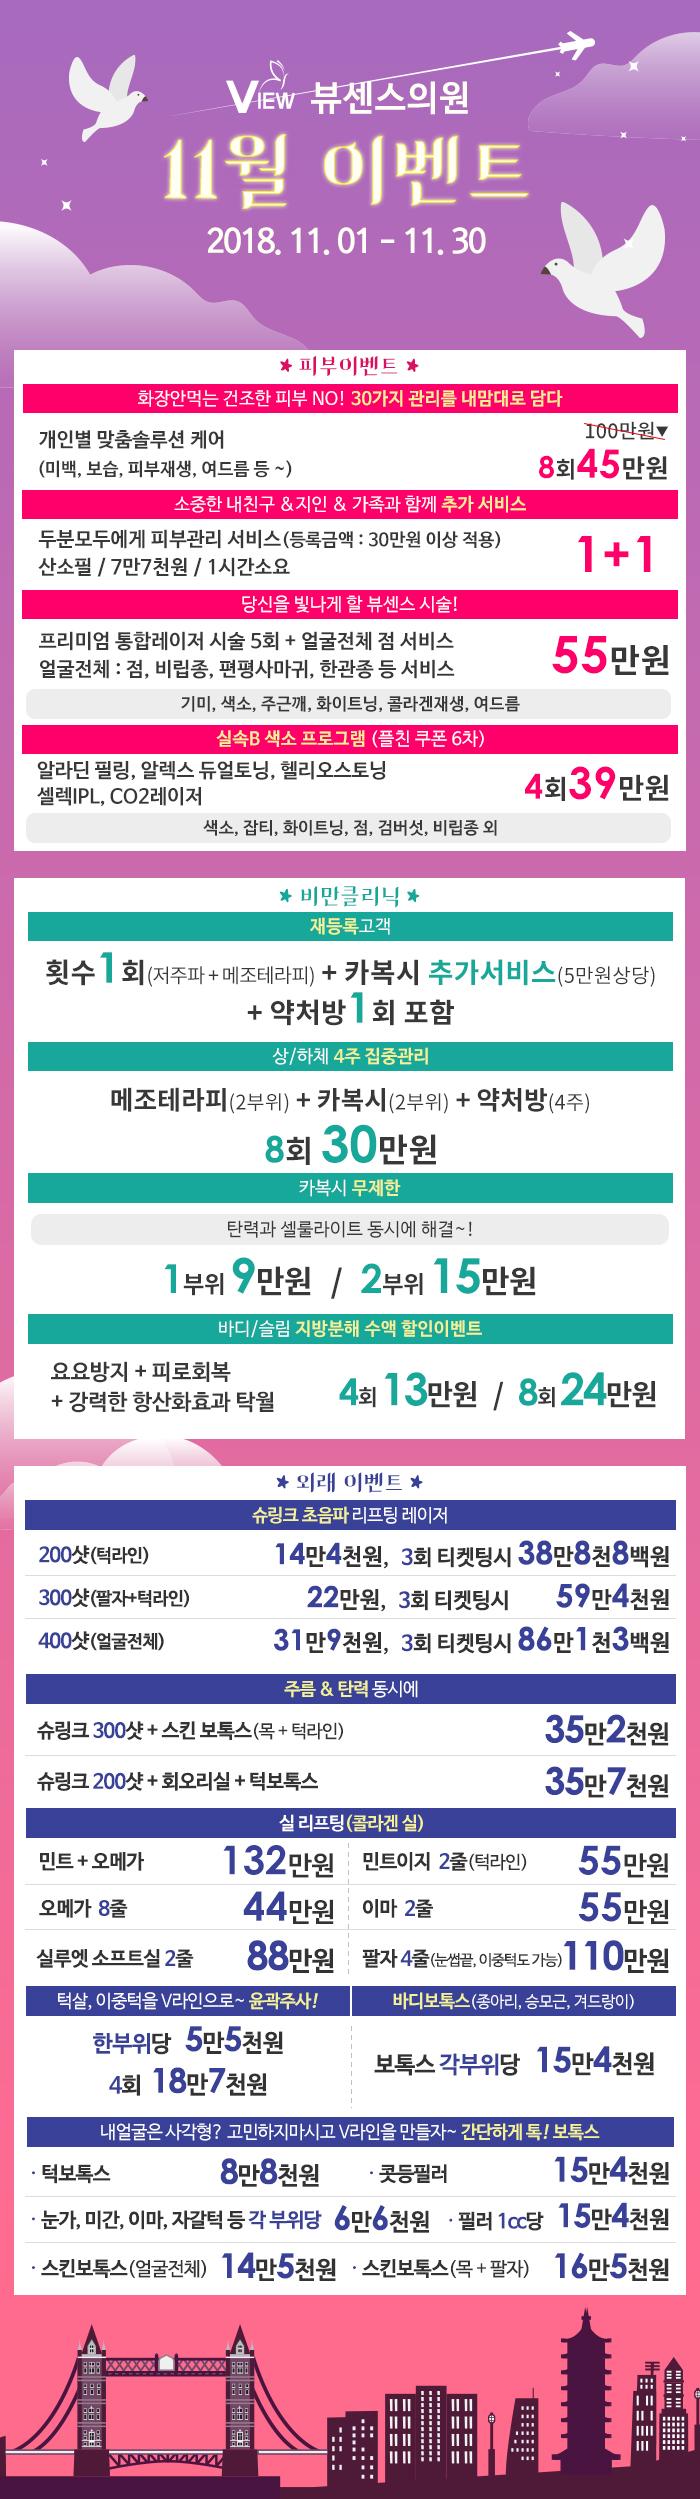 해운대_11월 이벤트 페이지.jpg